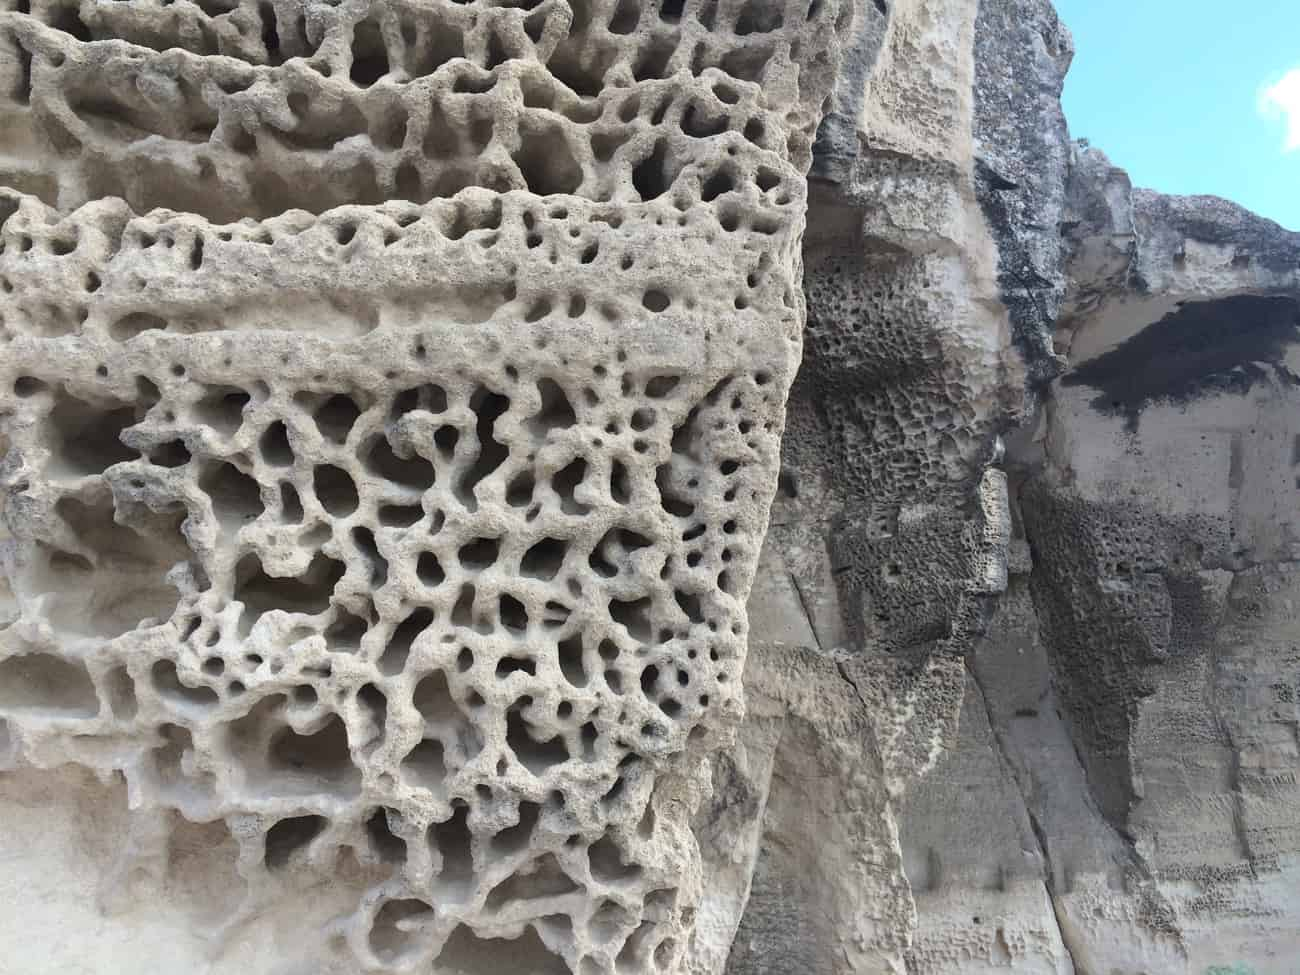 Les Baux - rock patterns